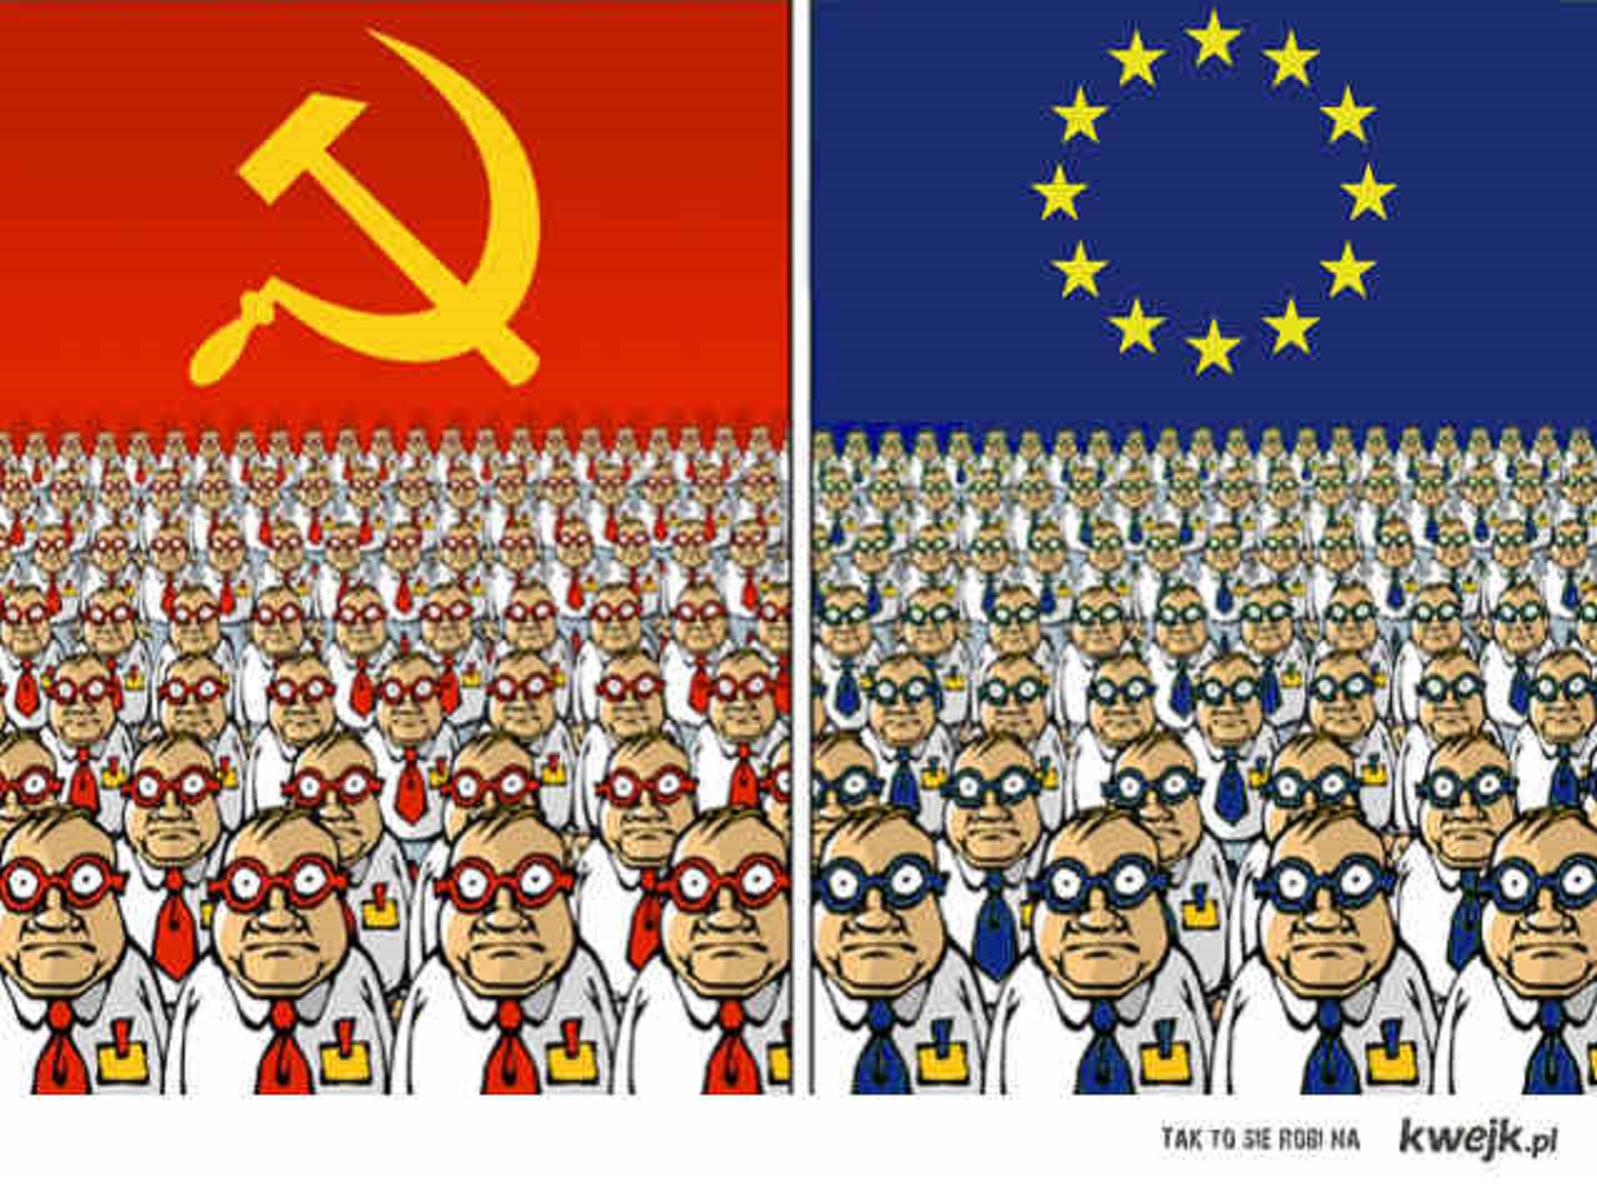 Ἡ  Εὑρώπη κομμουνιστικοποιεῖται!4